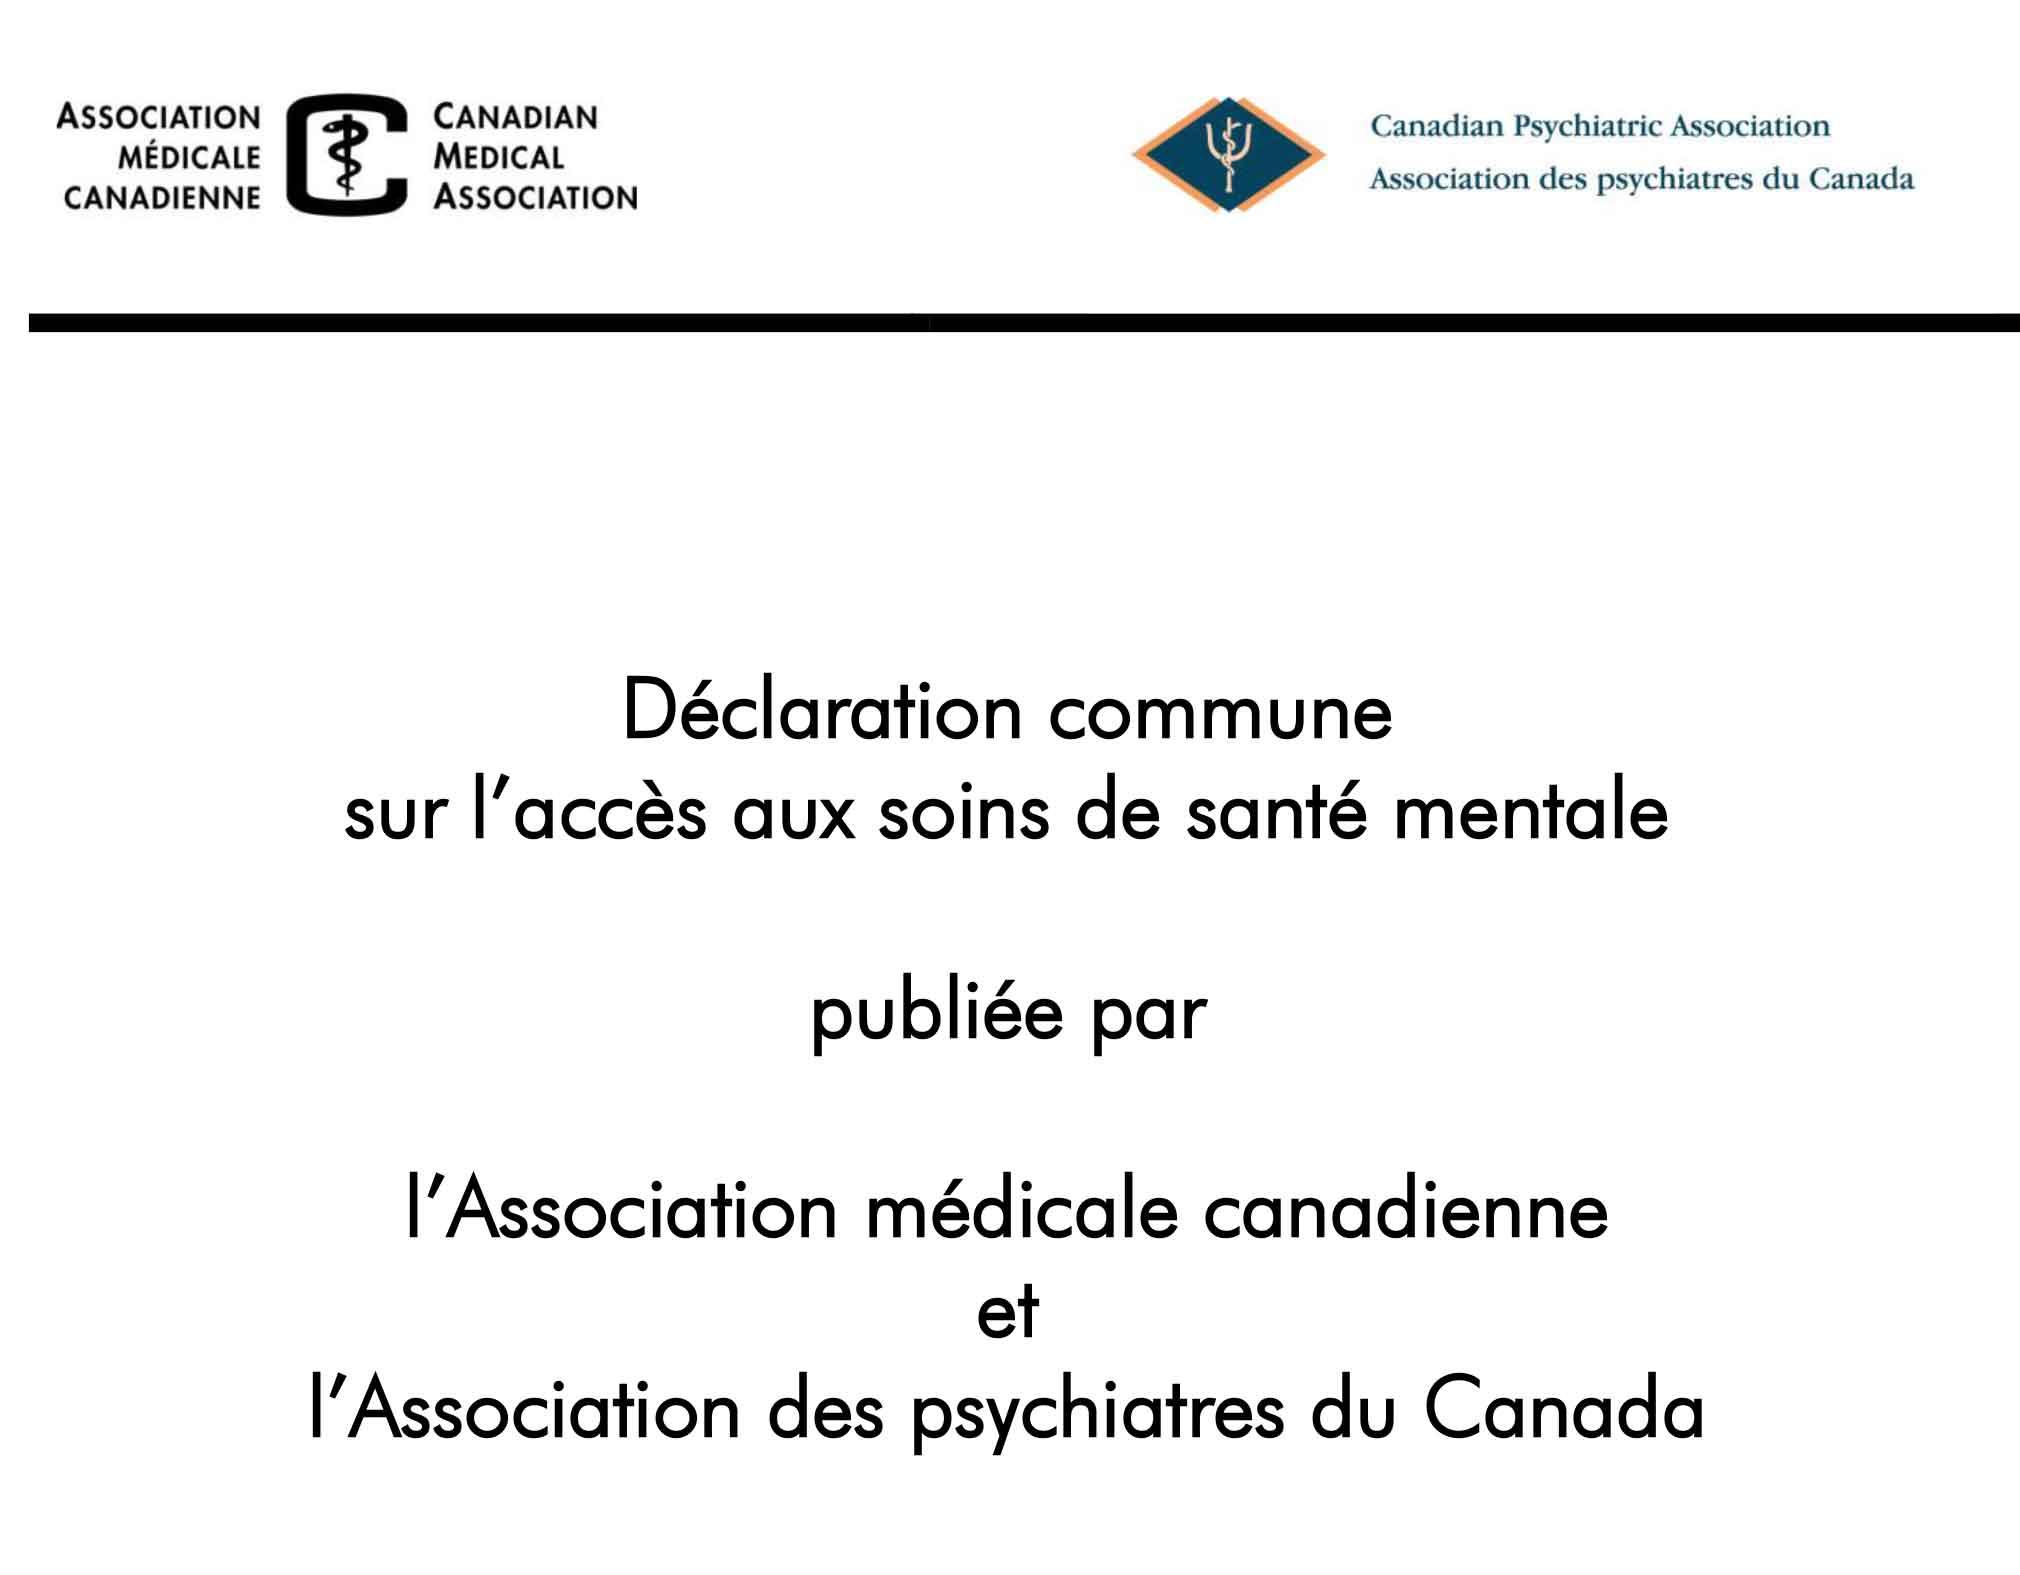 AMC-APC-declaration-commune-sur-l'acces-aux-soins-de-sante-mentale-2016-cover